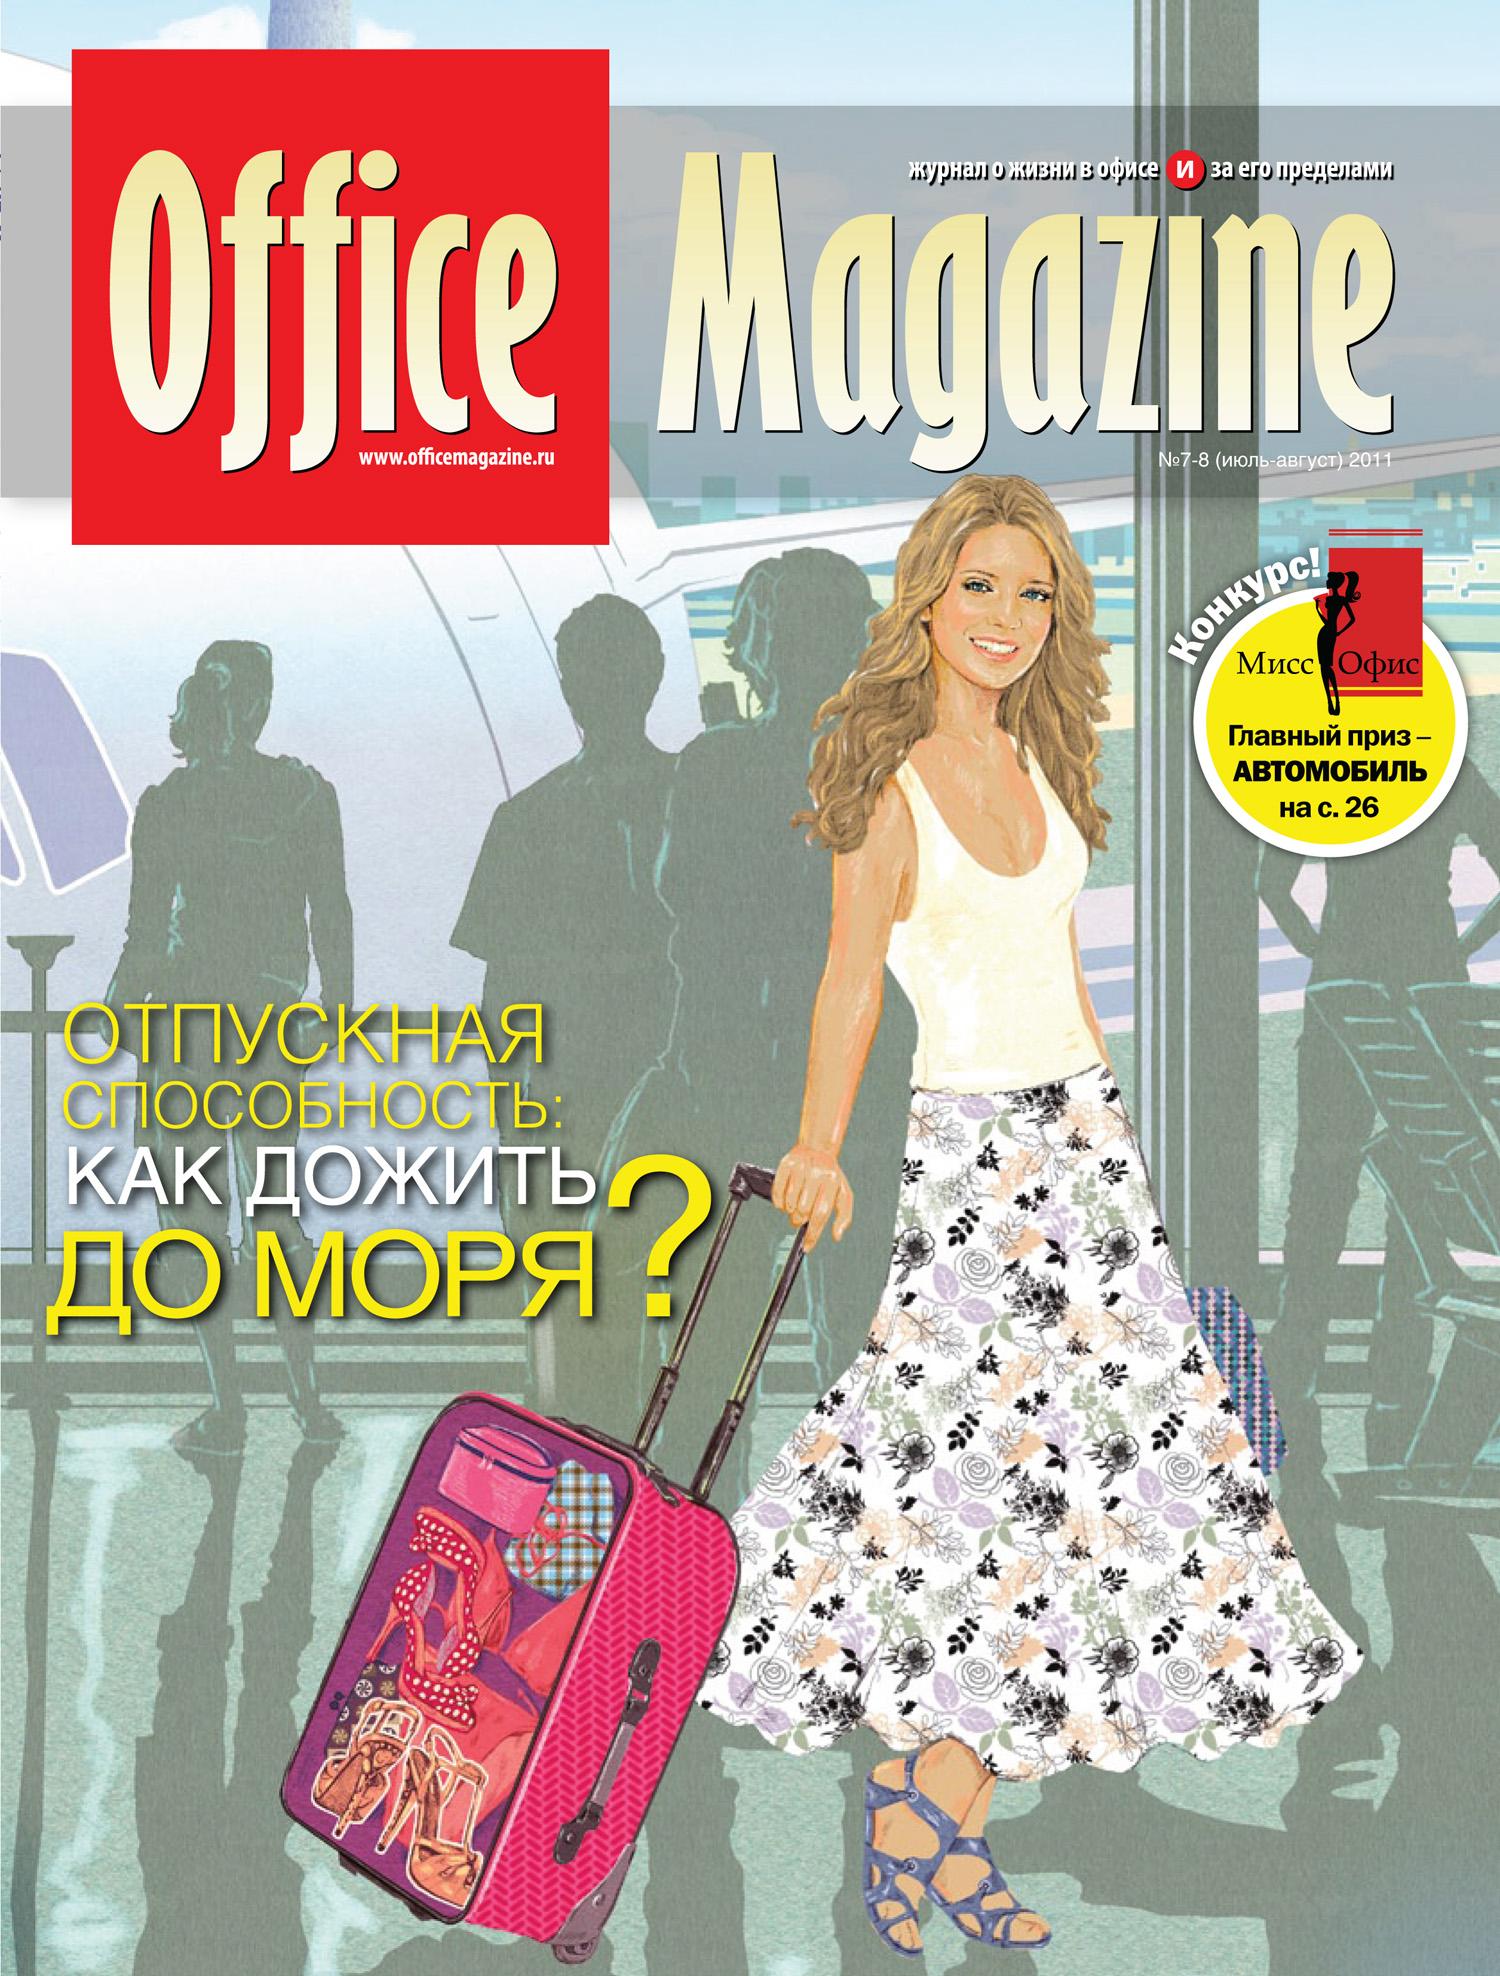 Office Magazine №7-8 (52) июль-август 2011